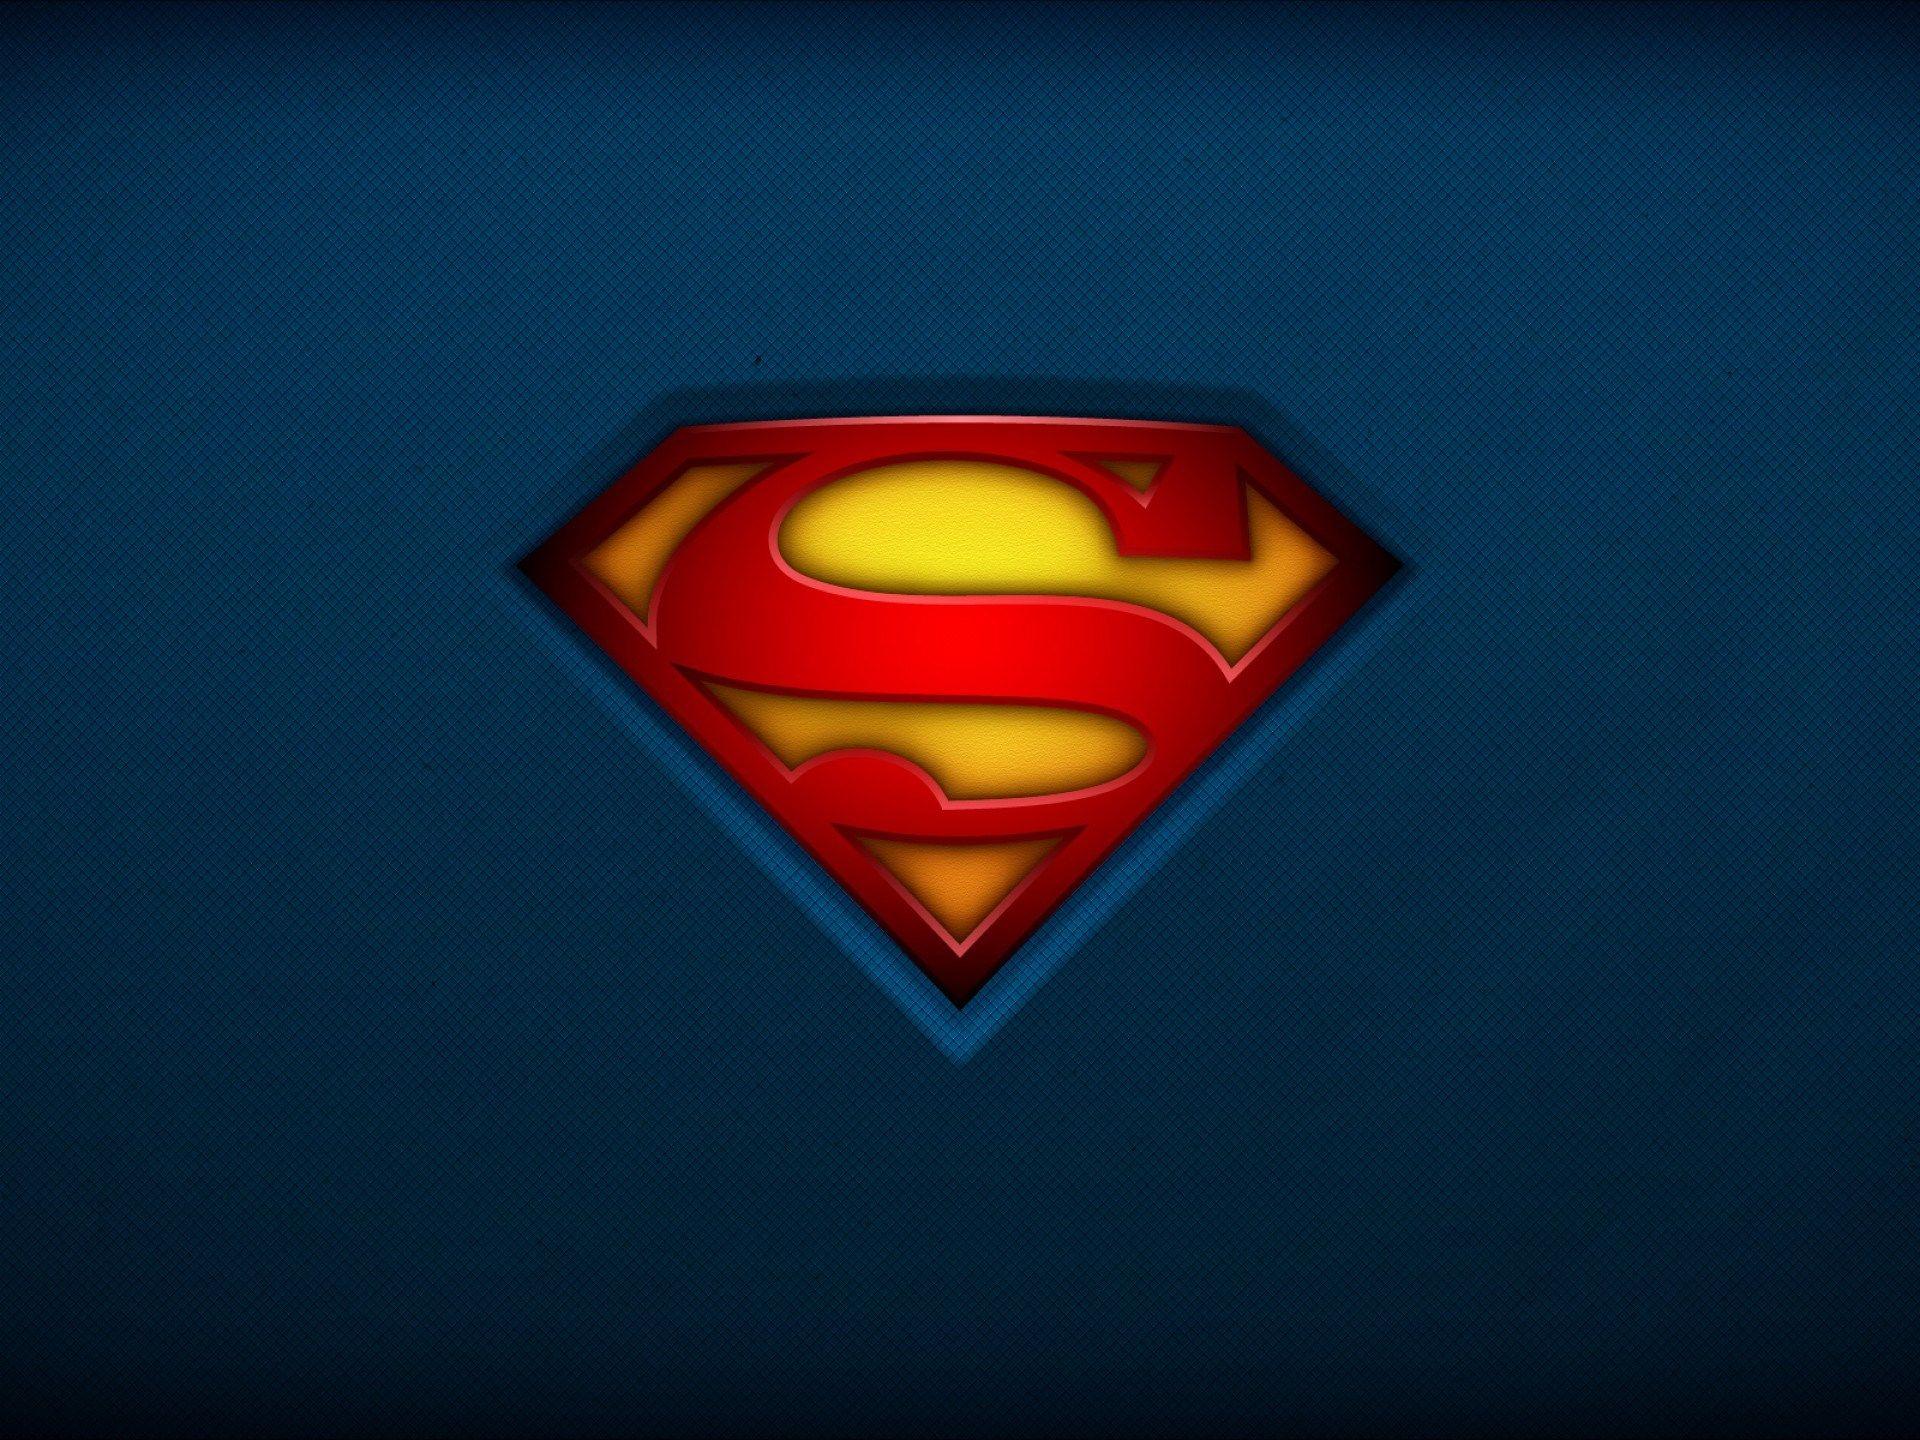 Superman Wallpaper Widescreen Retina Imac 640 KB